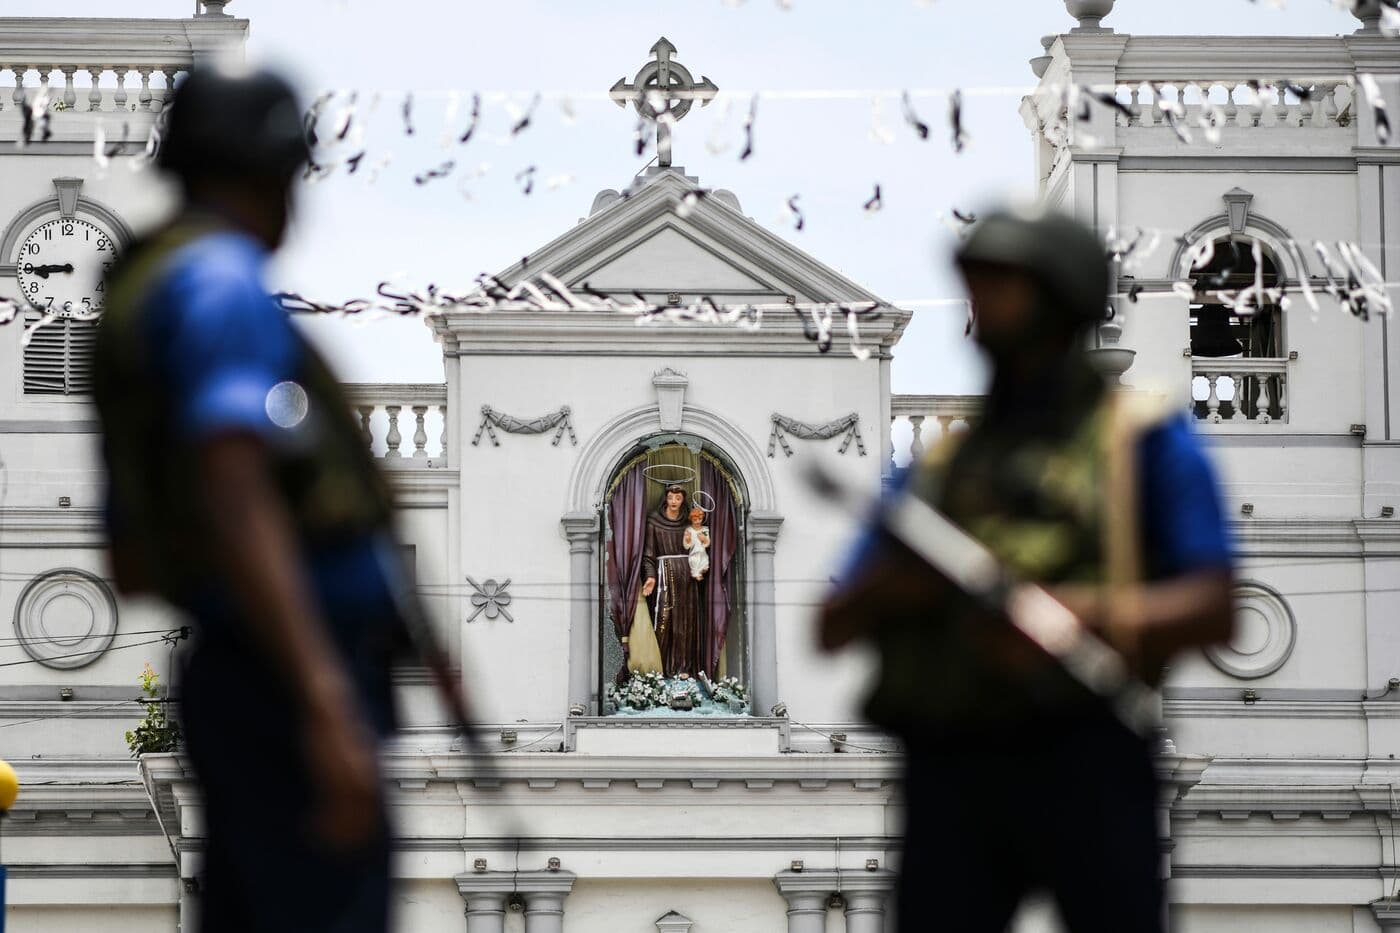 Sri Lanka, tutte le chiese chiuse dalle autorità fino a nuovo avviso